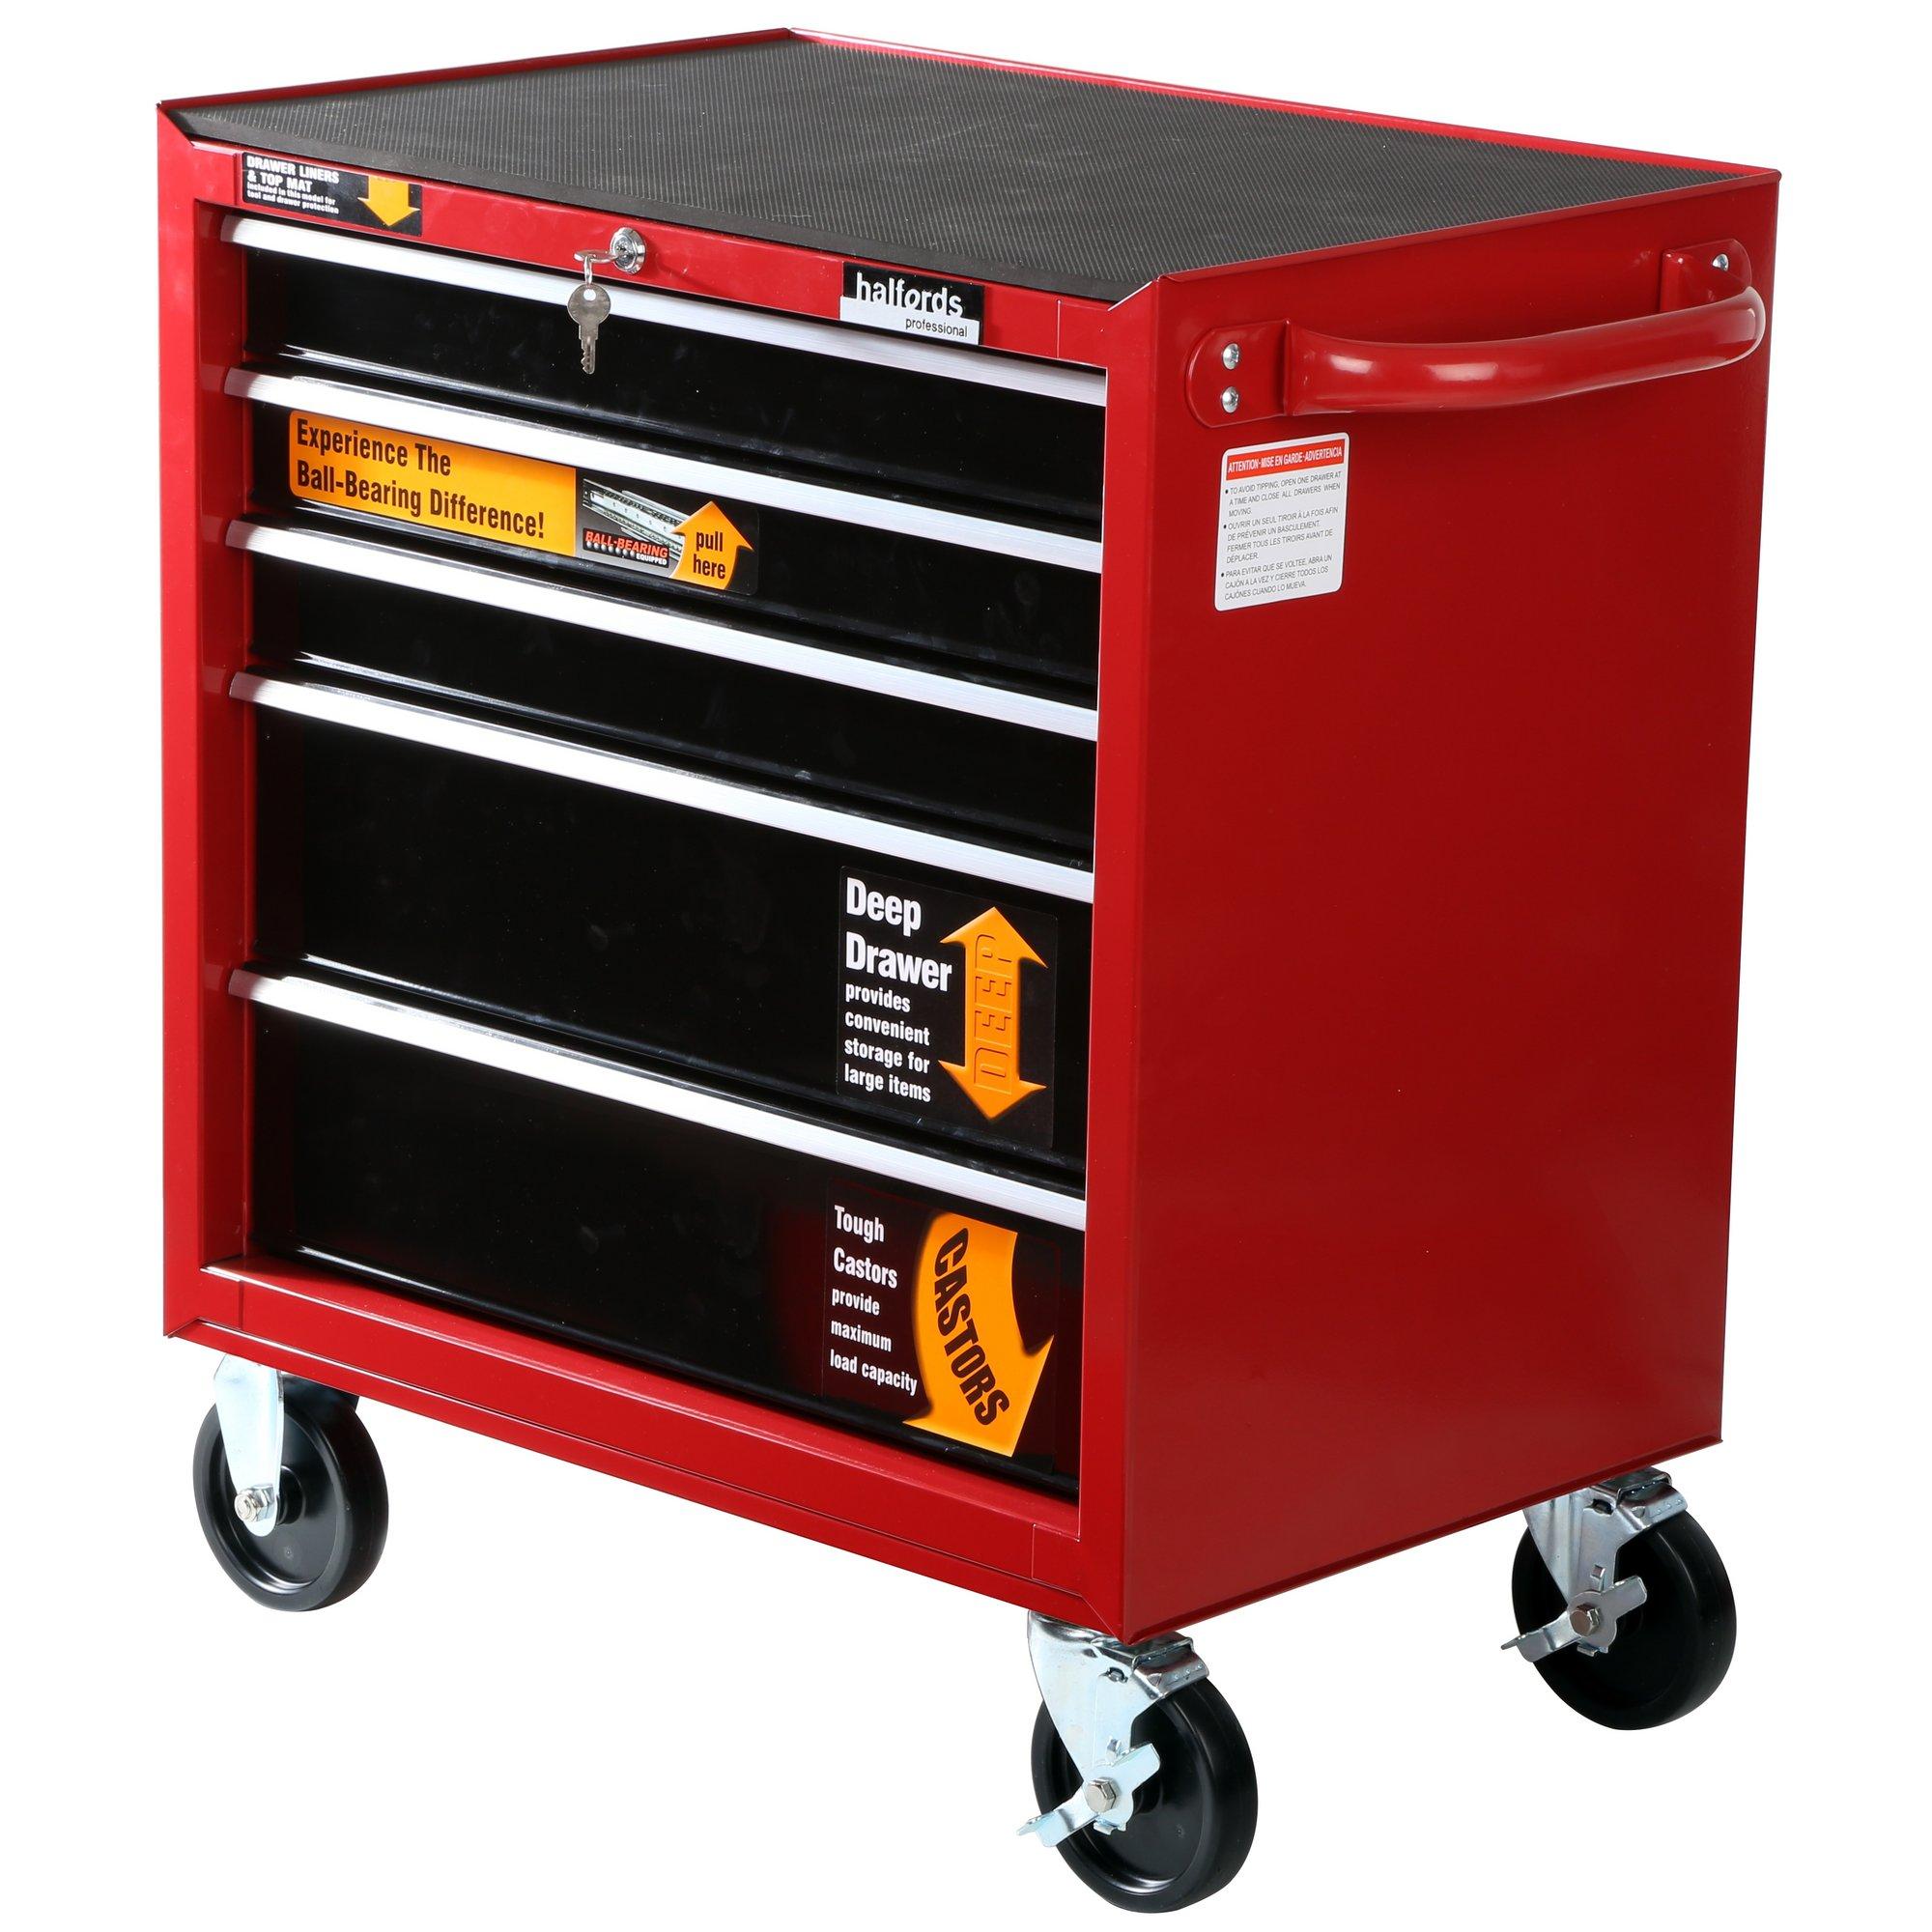 halfords halfords professional 5 drawer ball bearing cabinet. Black Bedroom Furniture Sets. Home Design Ideas